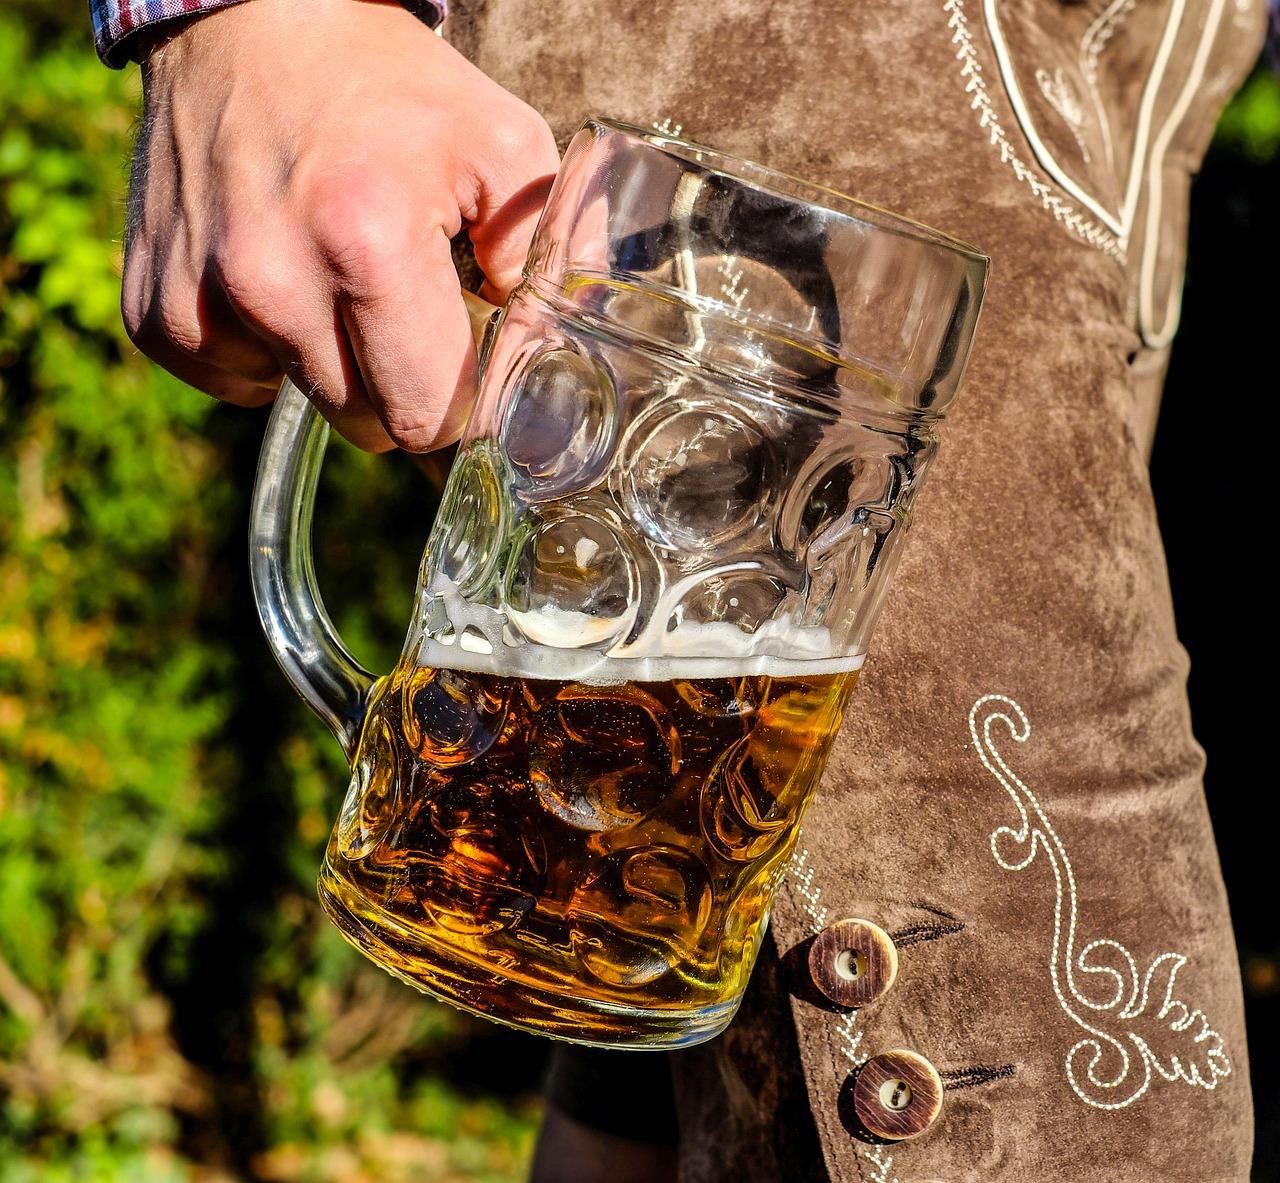 How to be a German; beer; German beer; German drink; German culture; German things; how to live in Germany; Germany; German; Bavaria; beer in Germany is serious; Europe; European; culture; food; food and drink; travel;